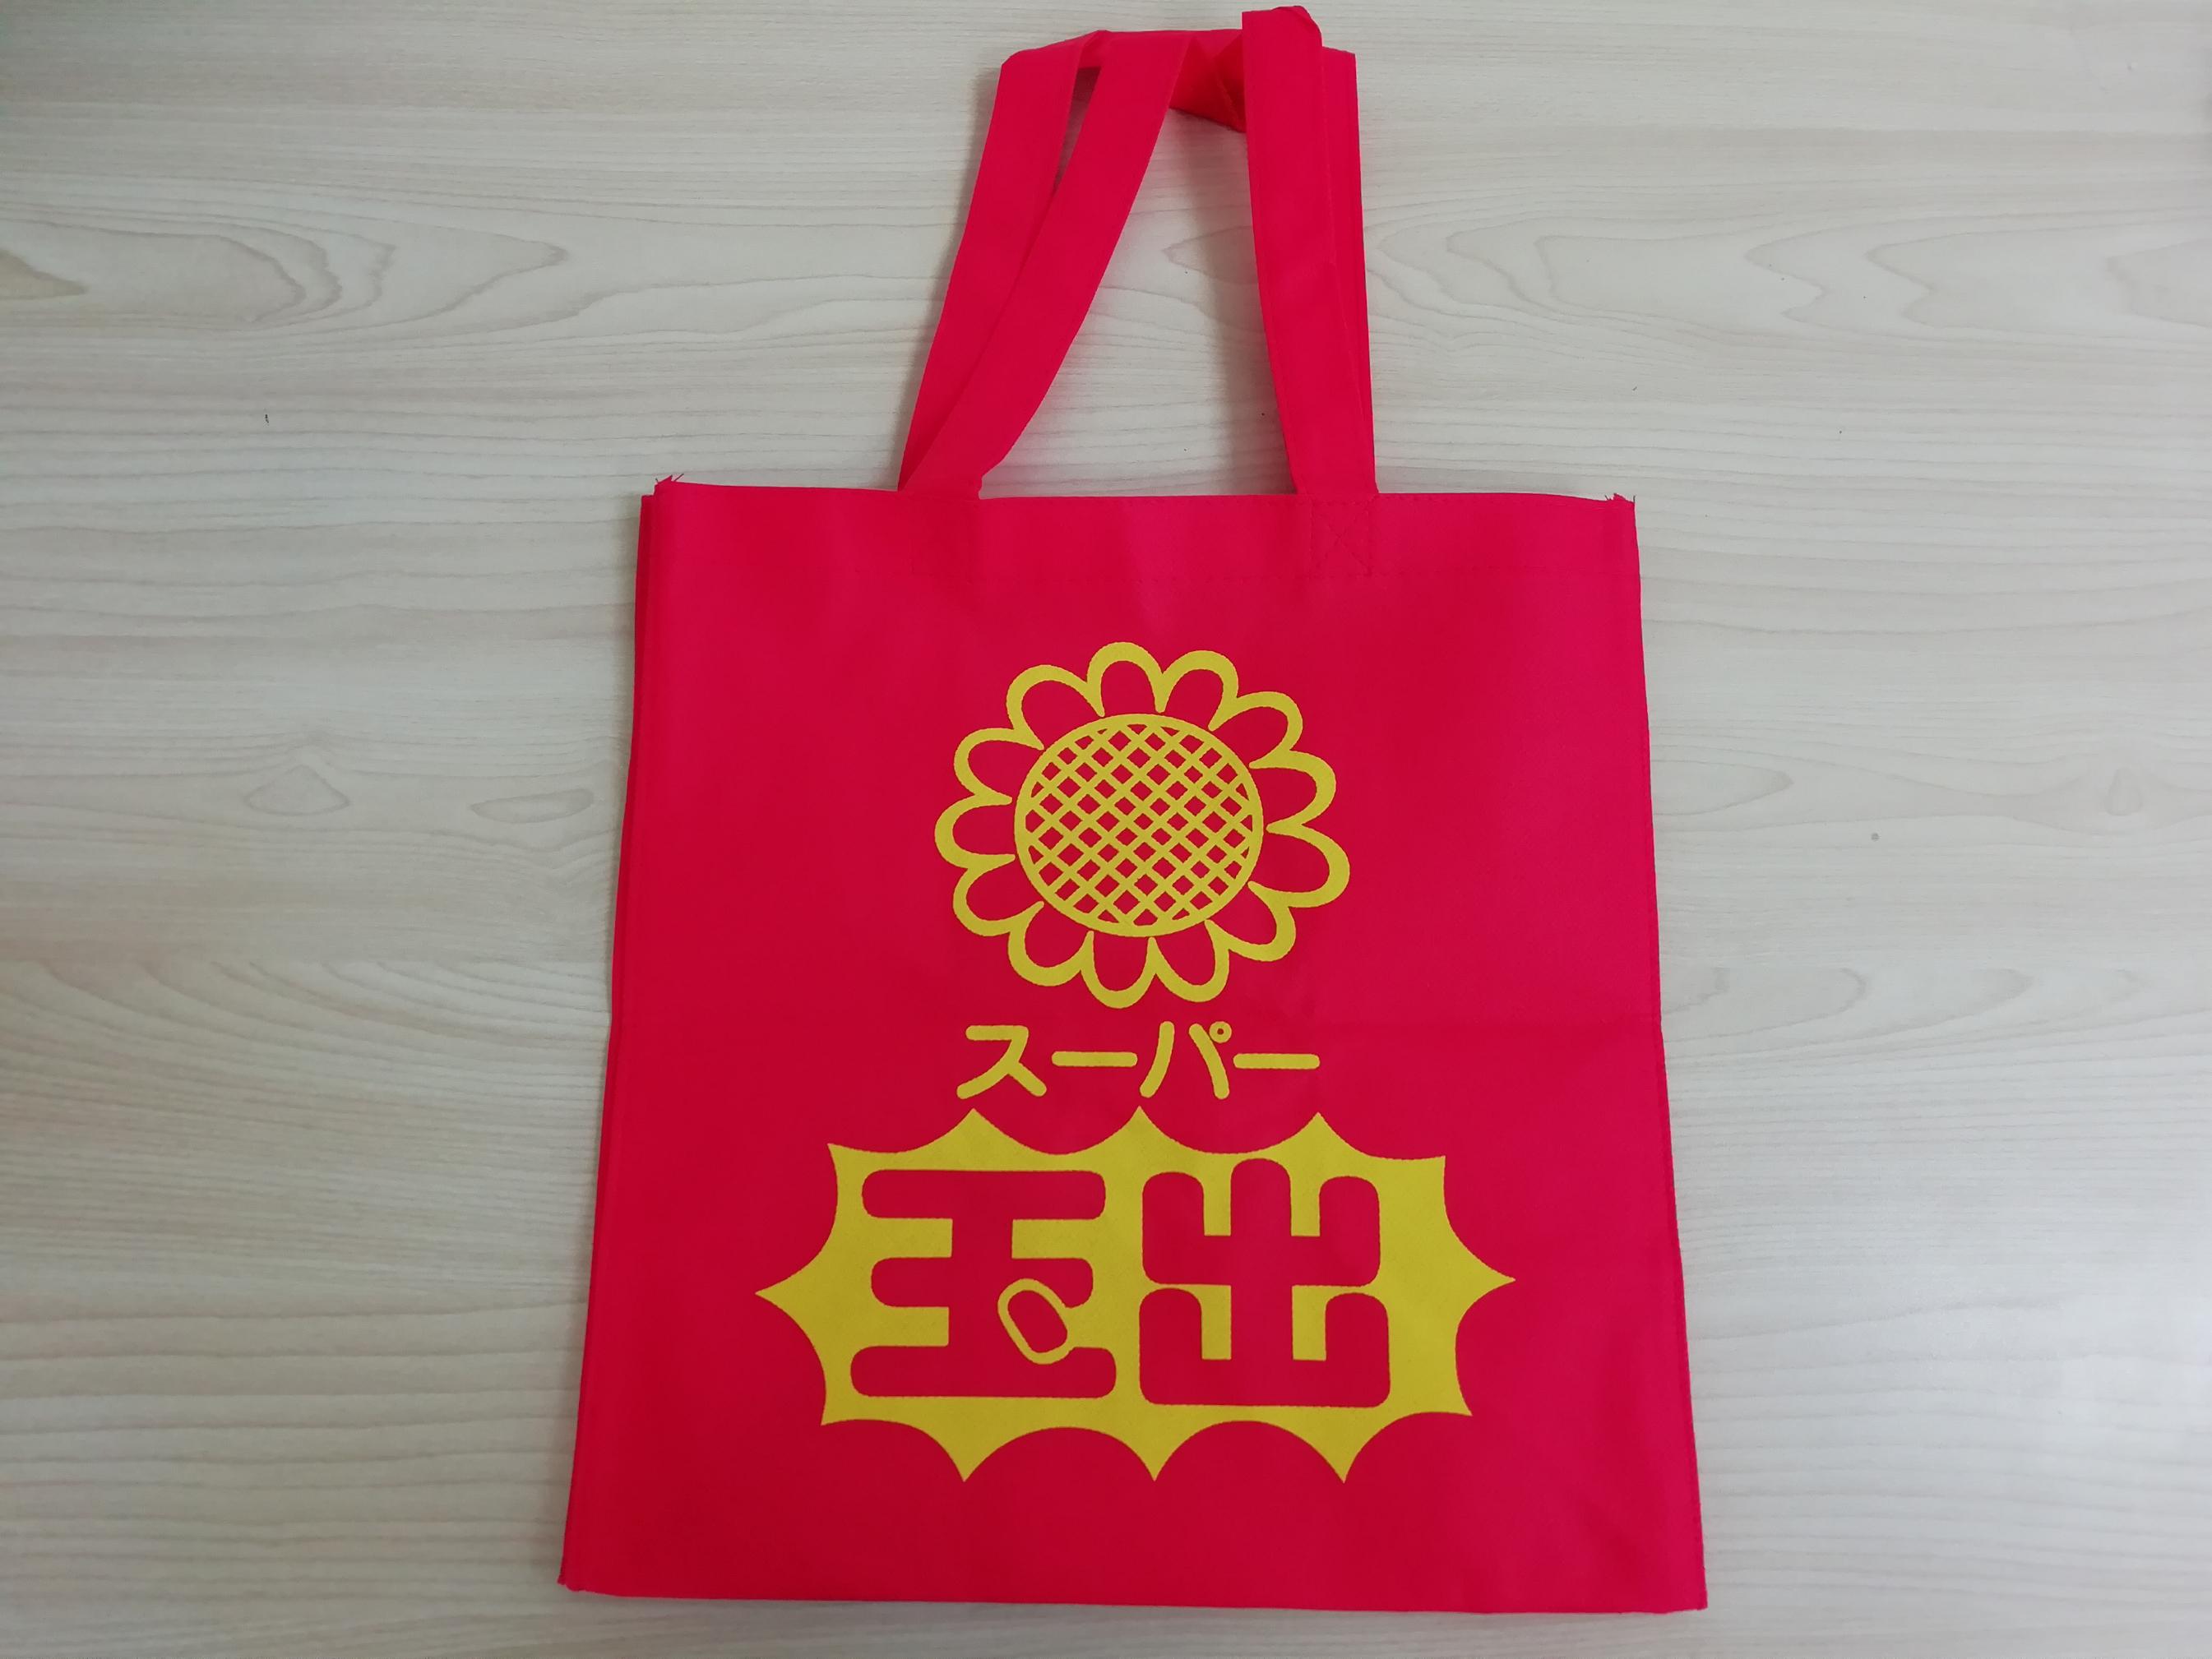 大阪の激安スーパー「スーパー玉出」のエコバッグが世界一かわいいので使うことに決めた!!